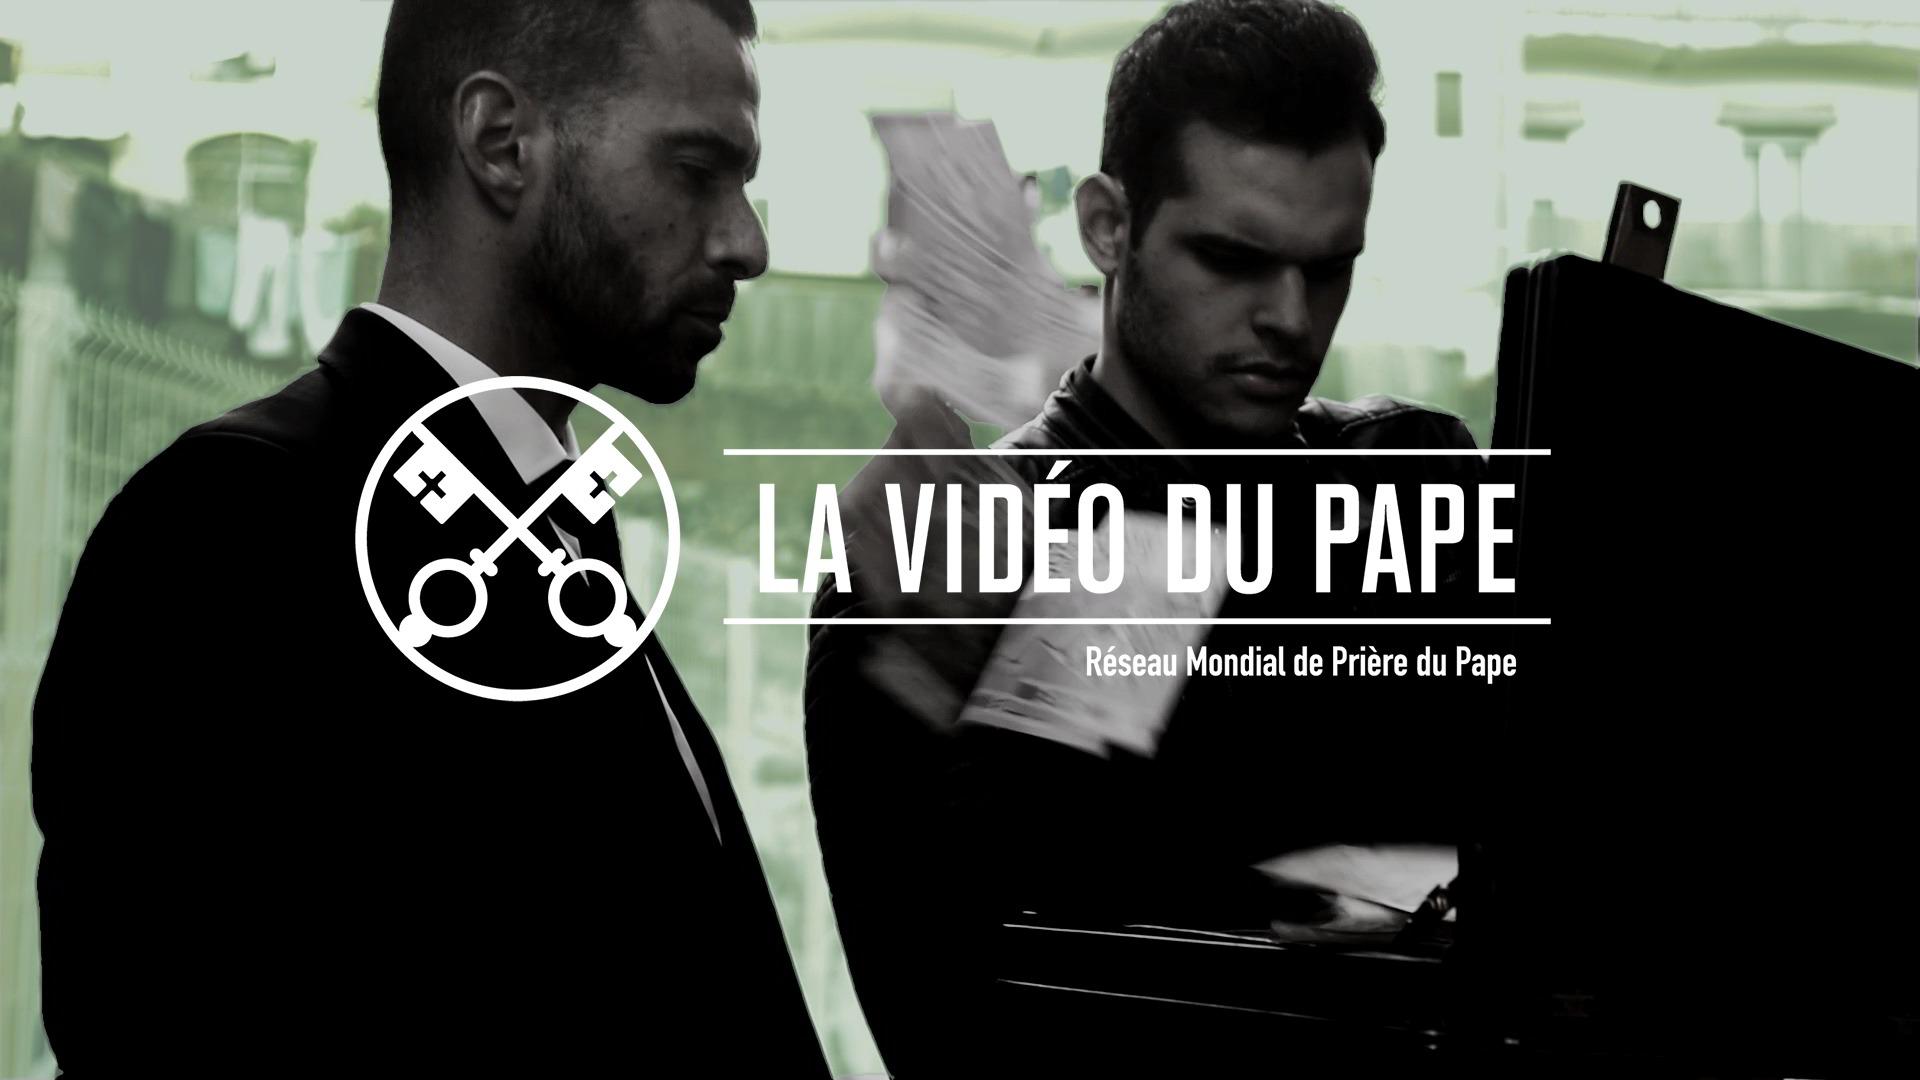 Official-Image-TPV-2-2020-FR-La-Video-du-Pape-Entendre-le-cri-des-migrants-1